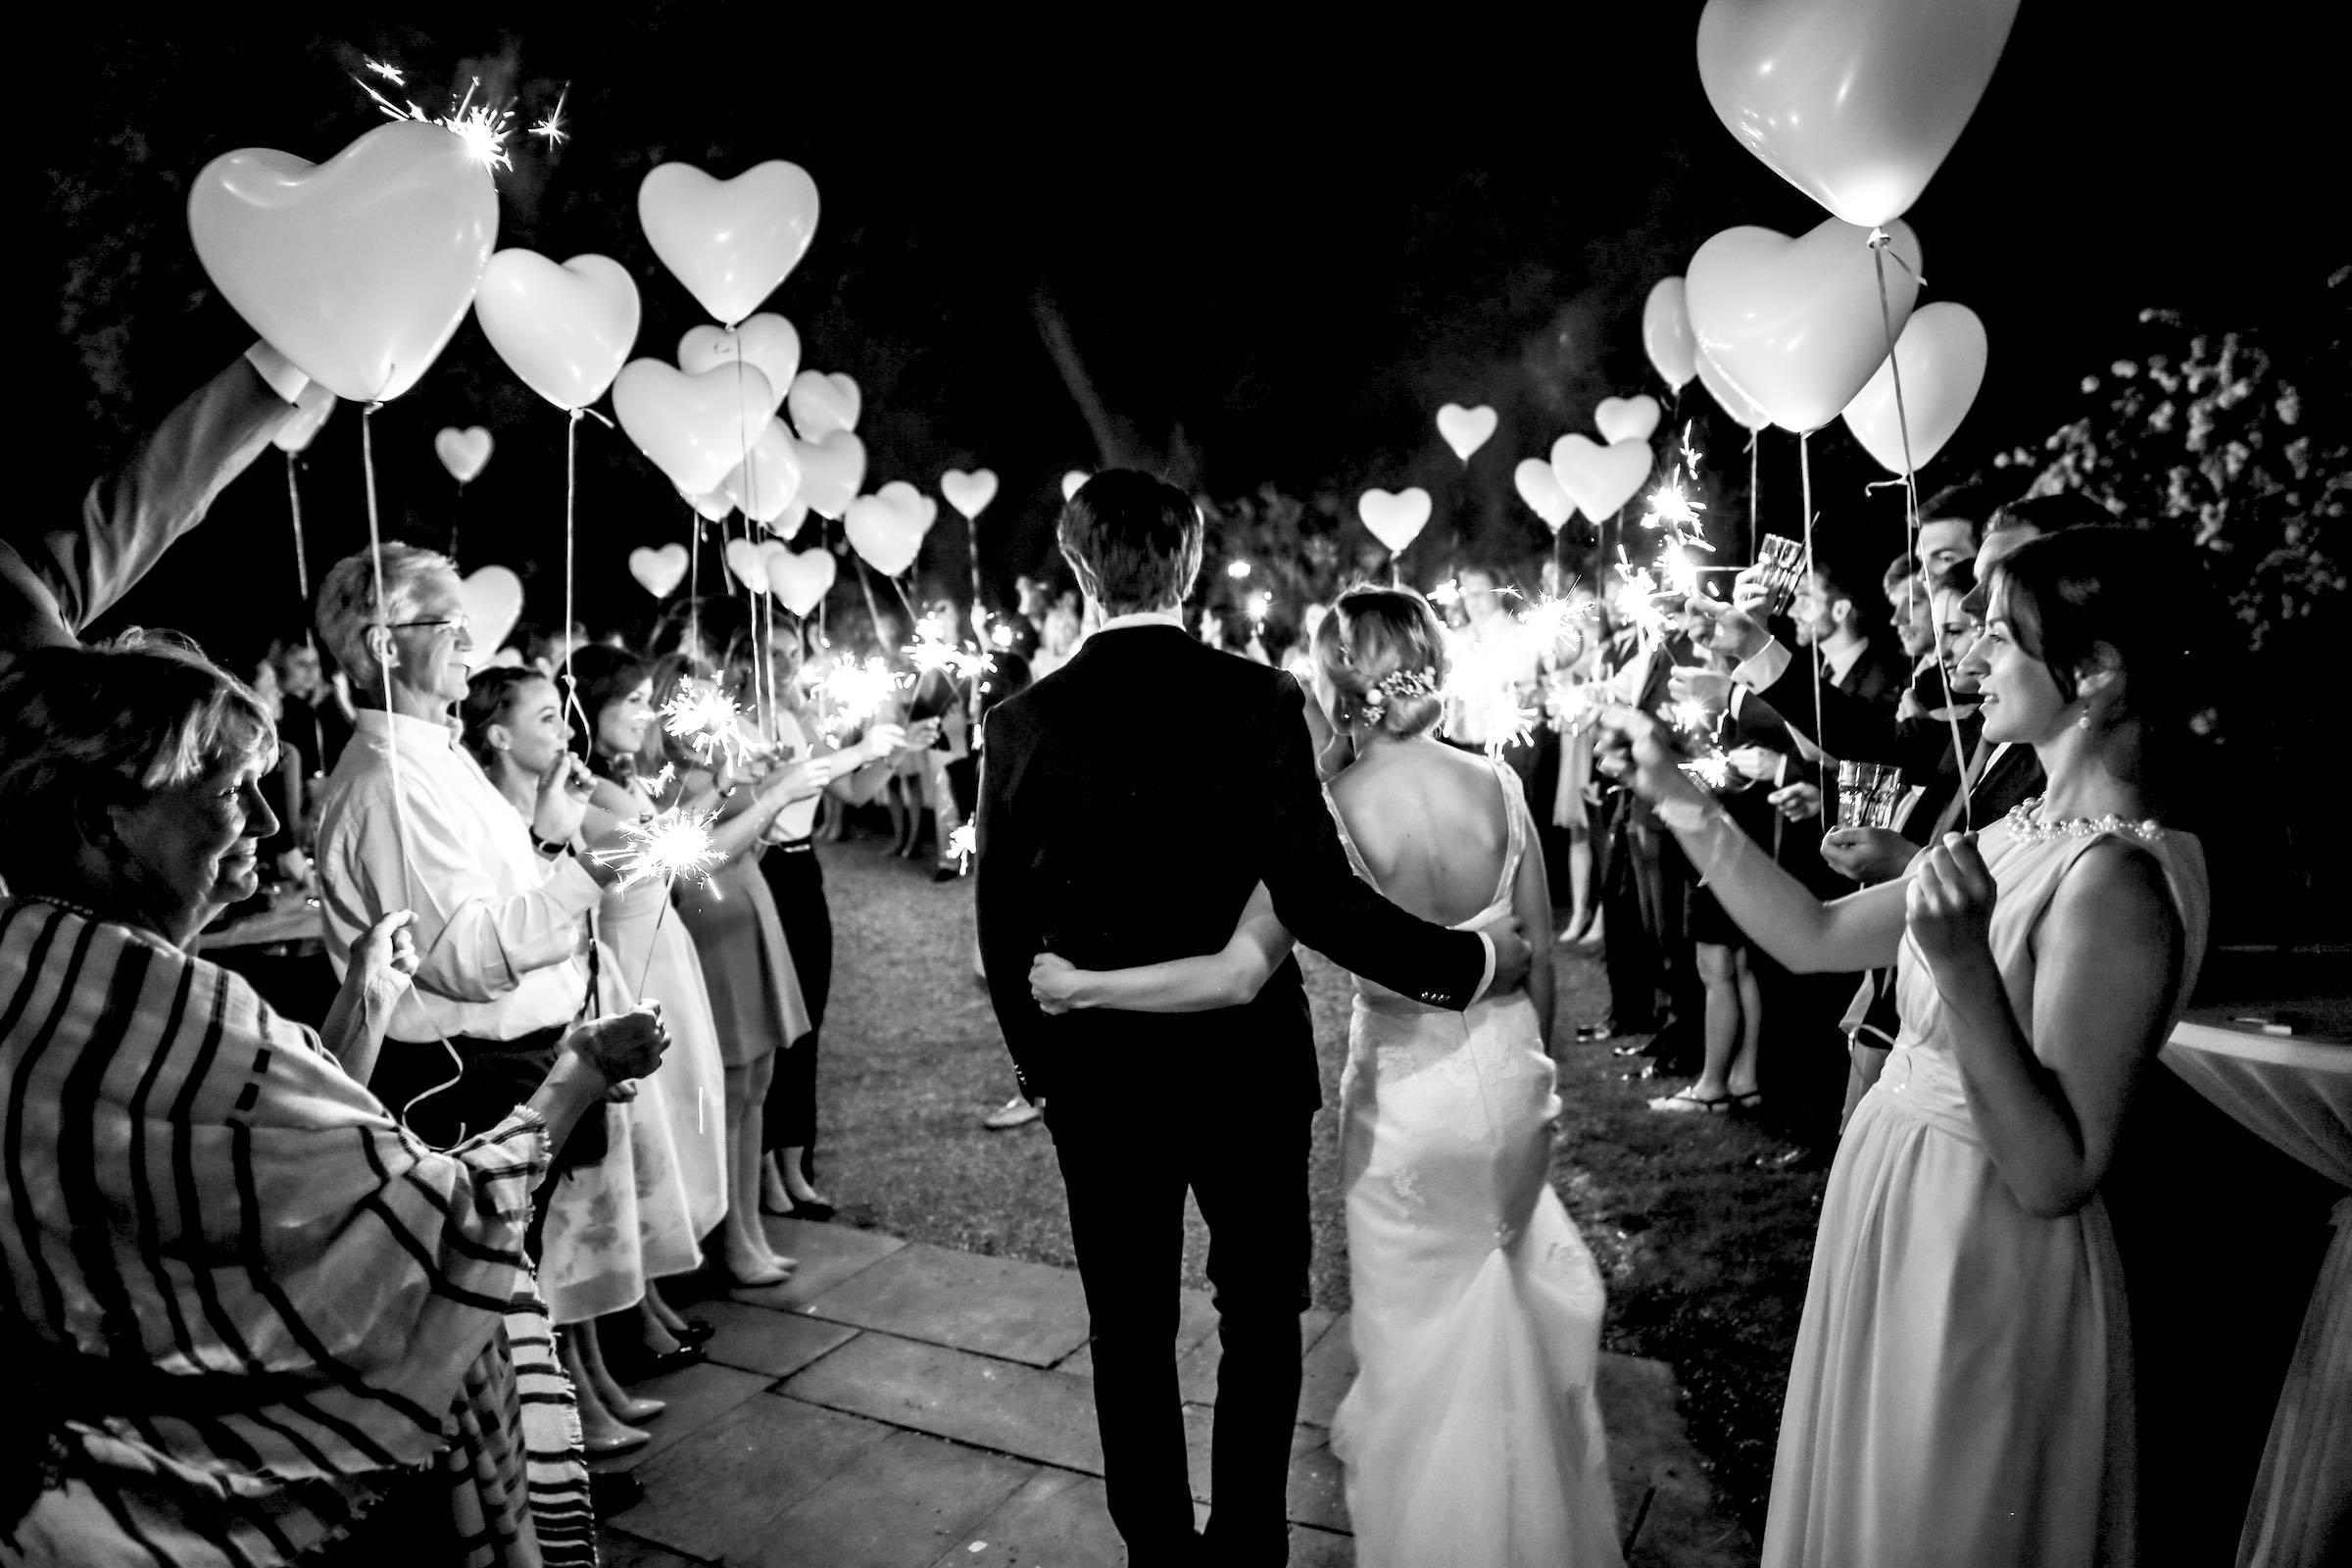 Schloss | Hammerstein | Apelern | Geburtstag | Hochzeit | Firmenfeier | Referenz | Location | Fotografie | DJ | Hochzeitsplanung | DJ | Hochzeitsplaner | Lehmann | Eventservice